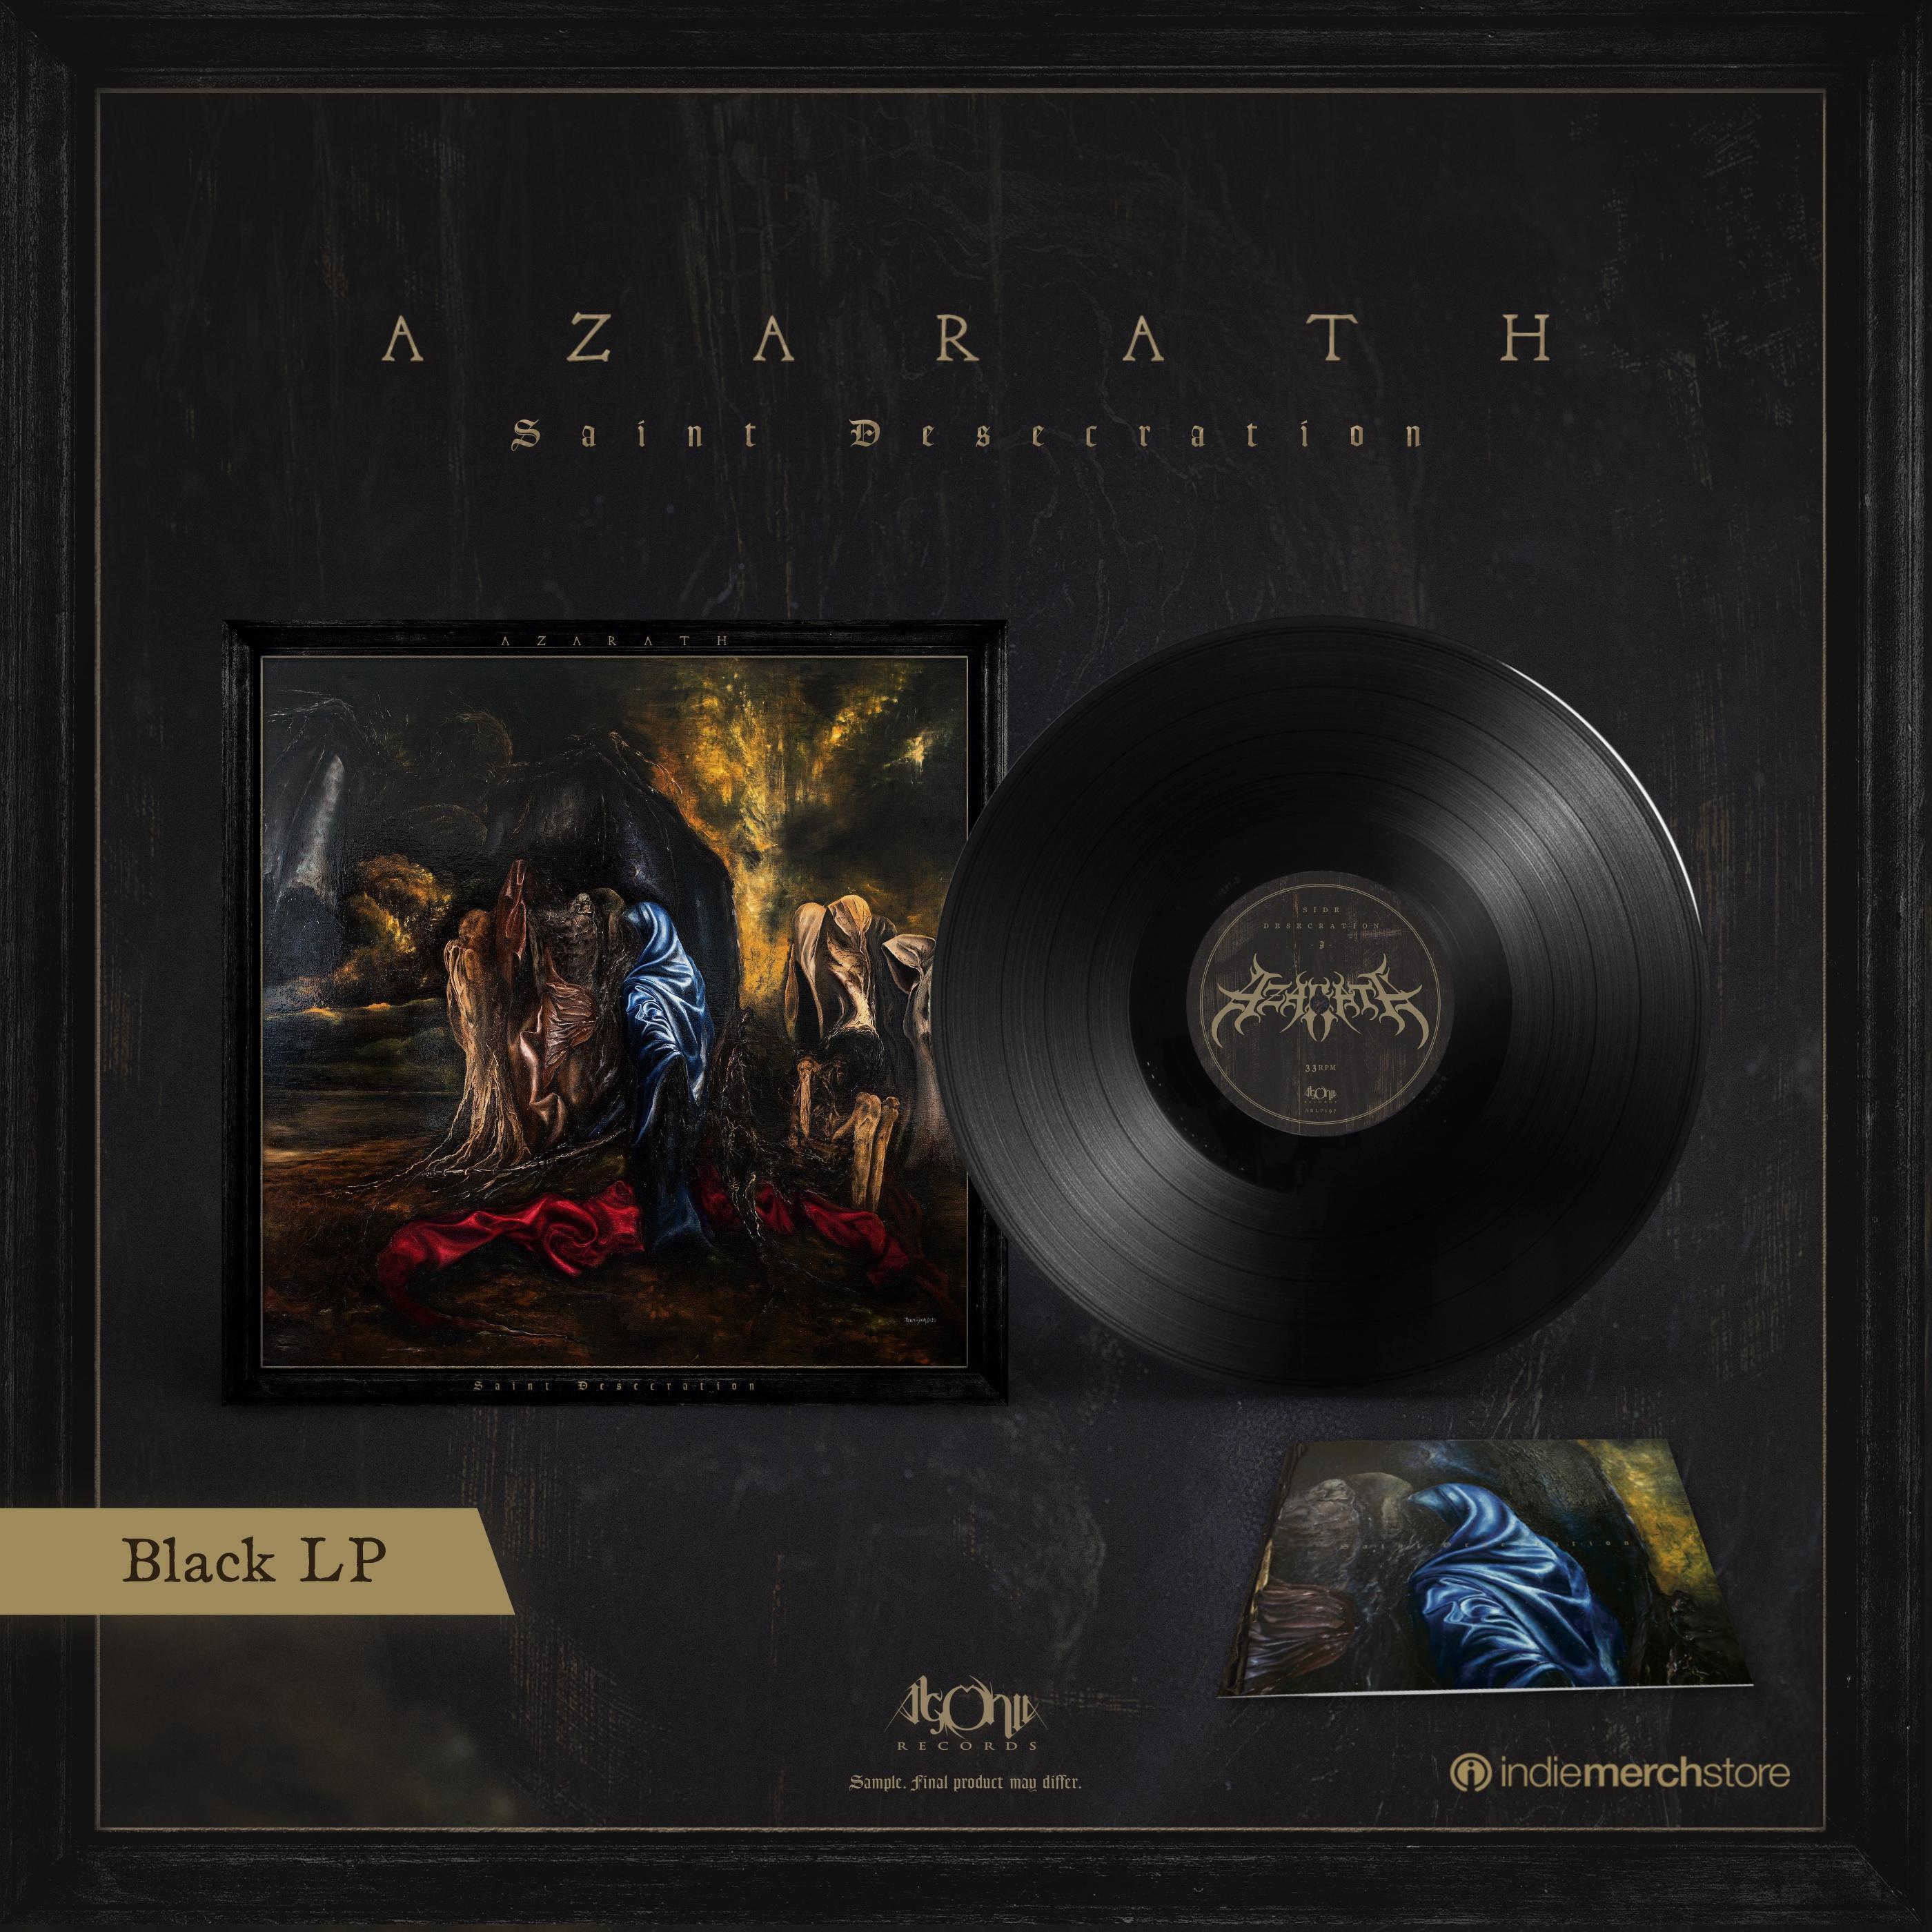 Saint Desecration Black LP + Longsleeve Bundle